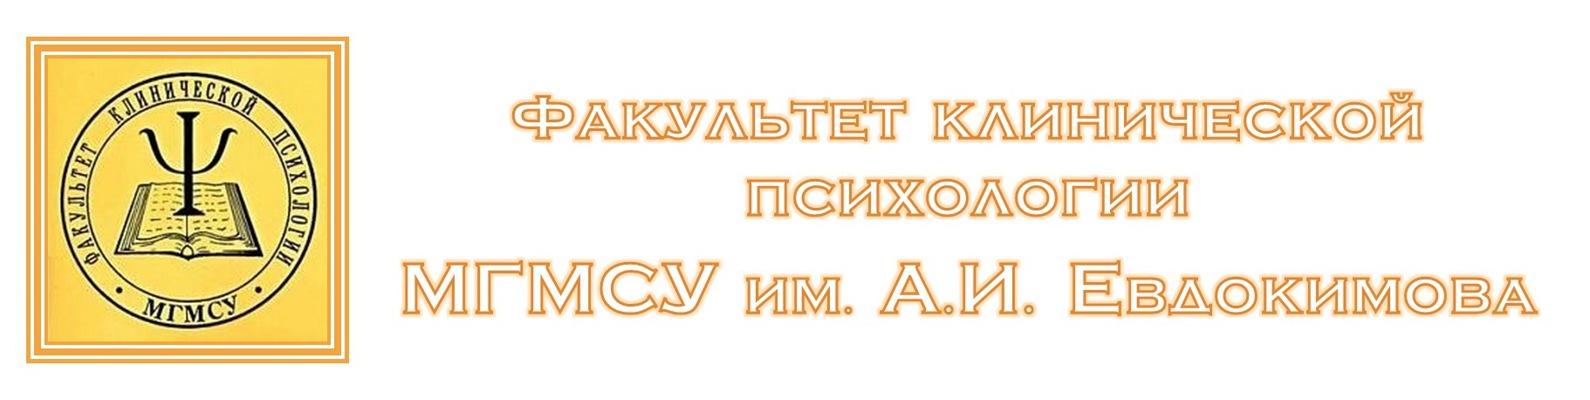 Факультет клинической психологии МГМСУ ВКонтакте